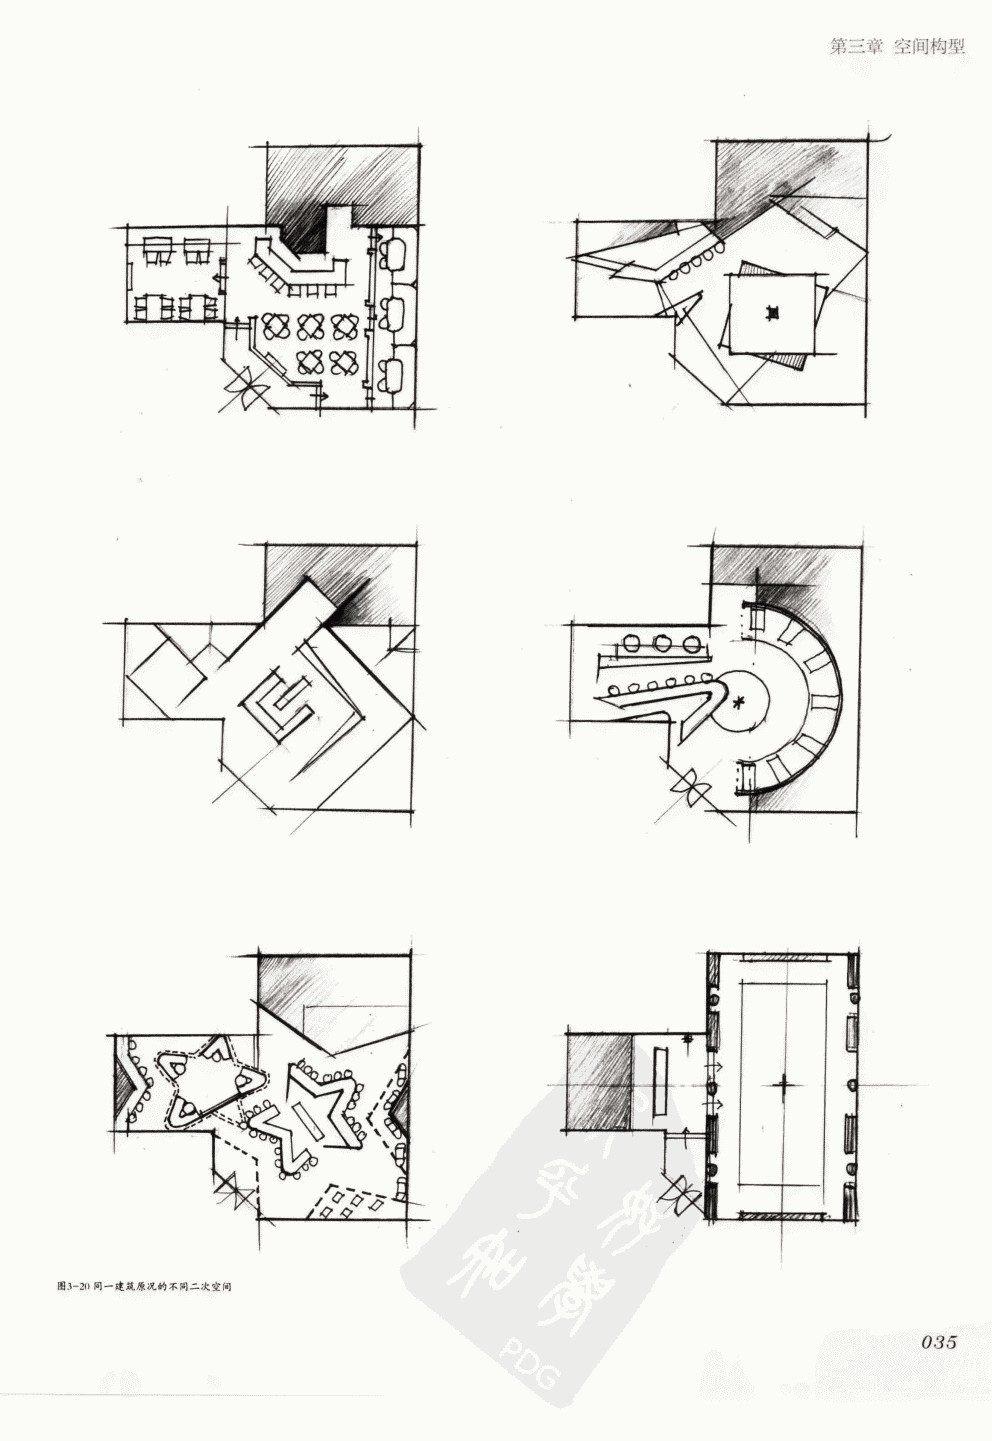 室内设计纲要++概念思考与过程表达_室内设计纲要  概念思考与过程表达_1297982..._页面_043.jpg